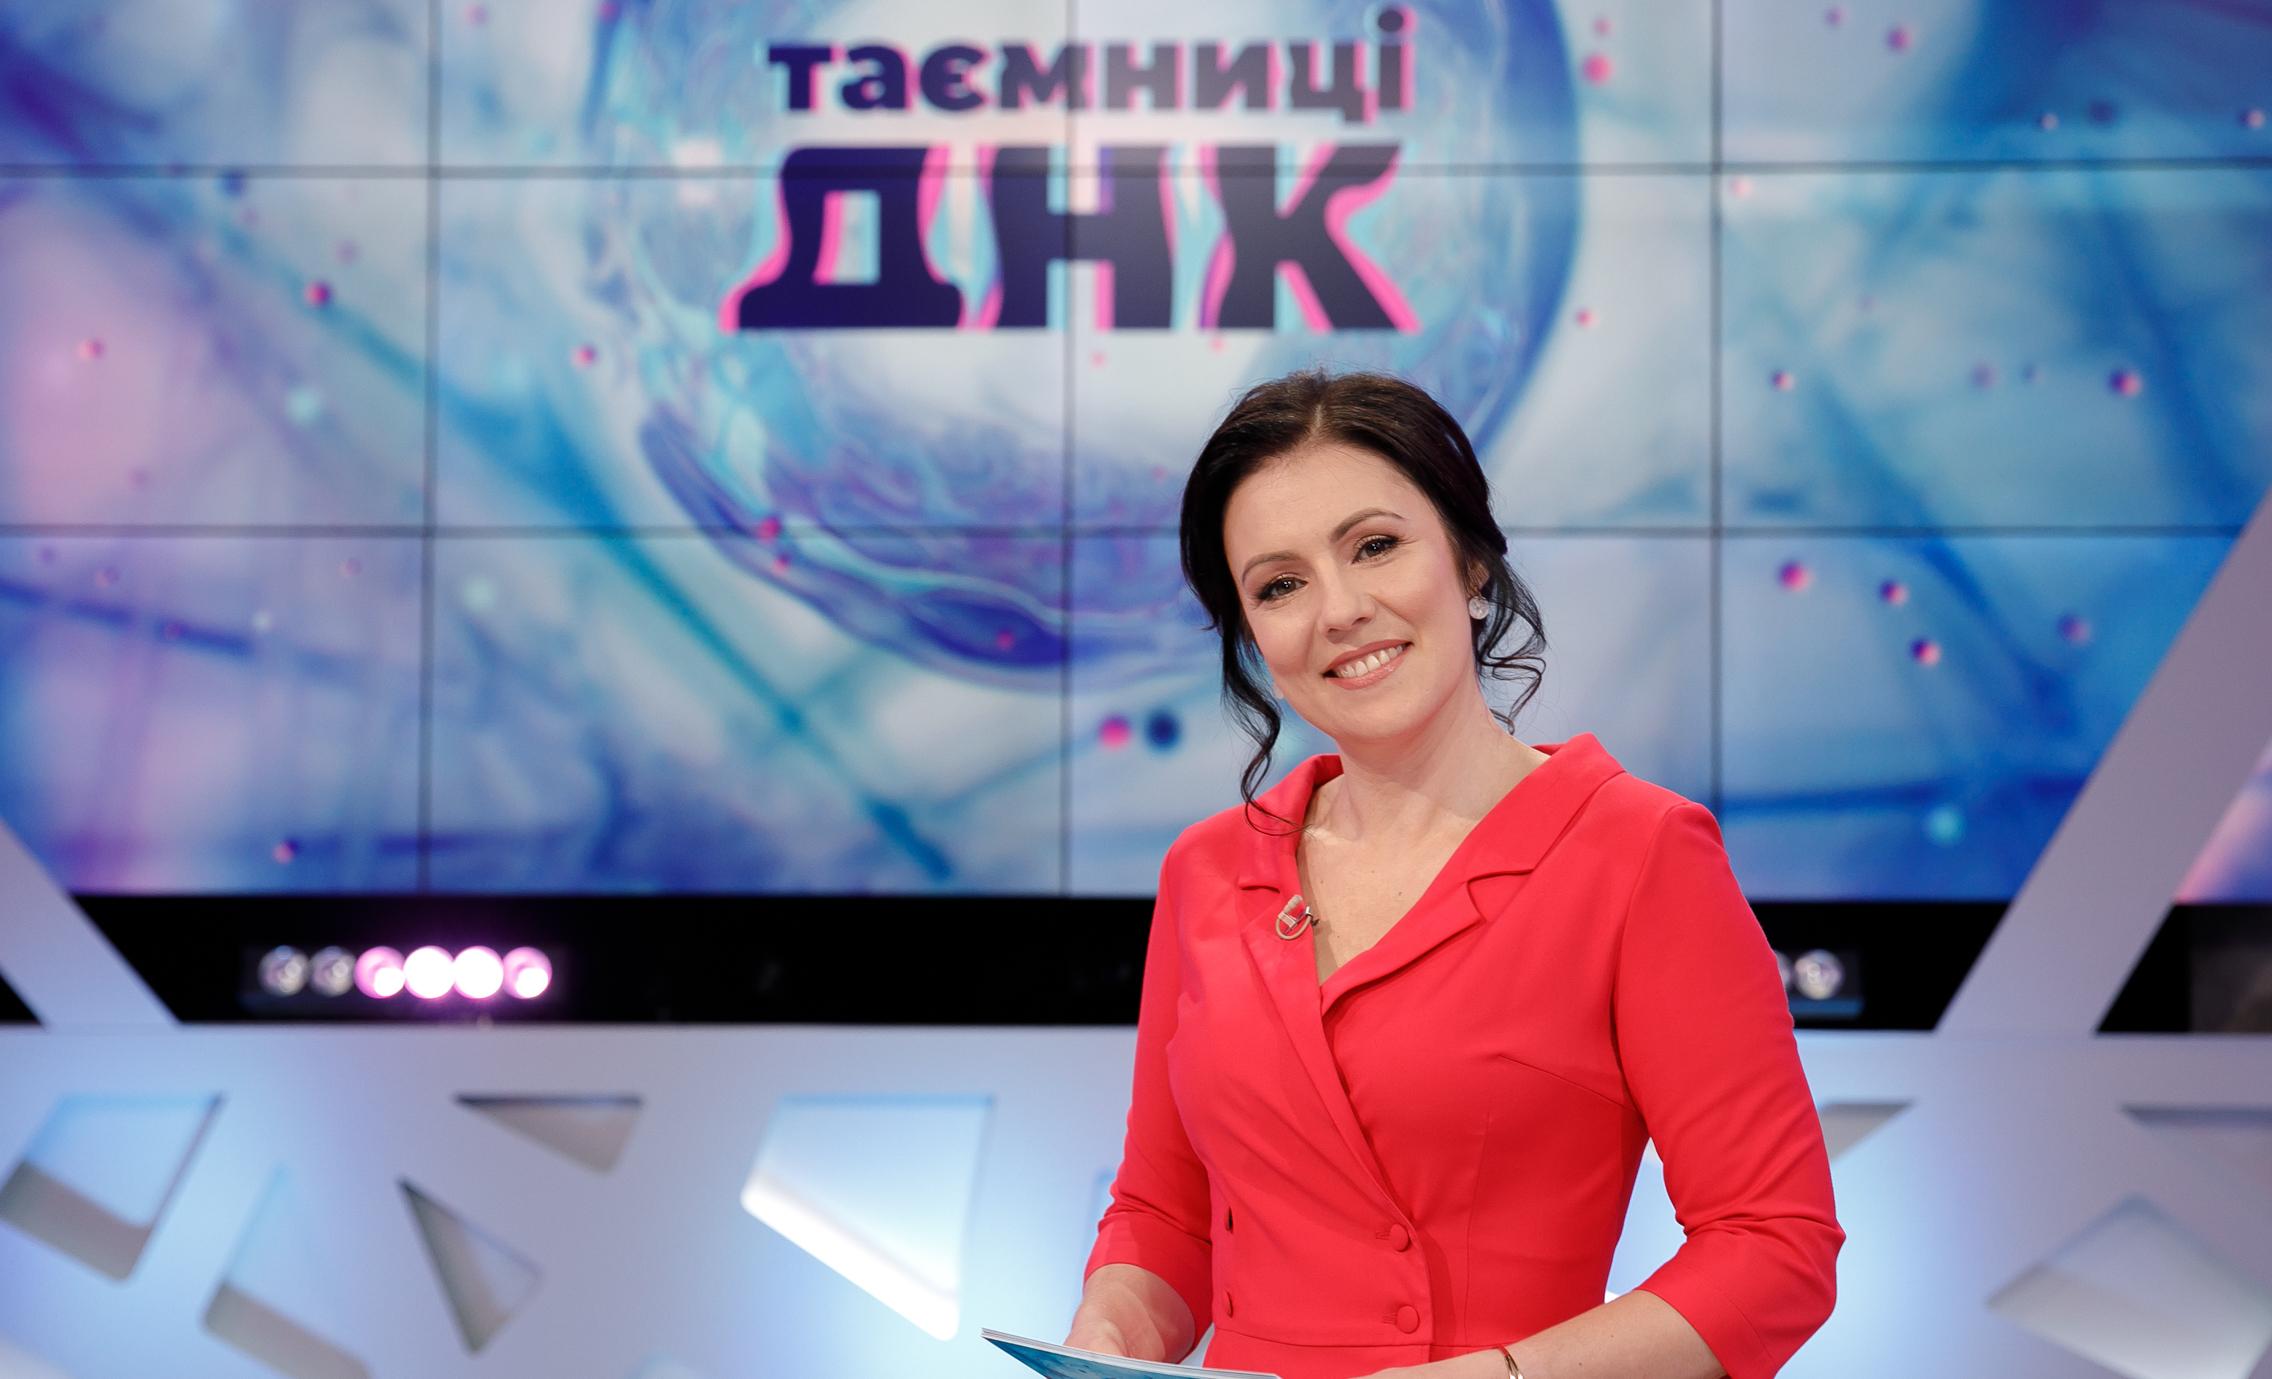 На Кіровоградщині жінка взяла участь в популярному шоу